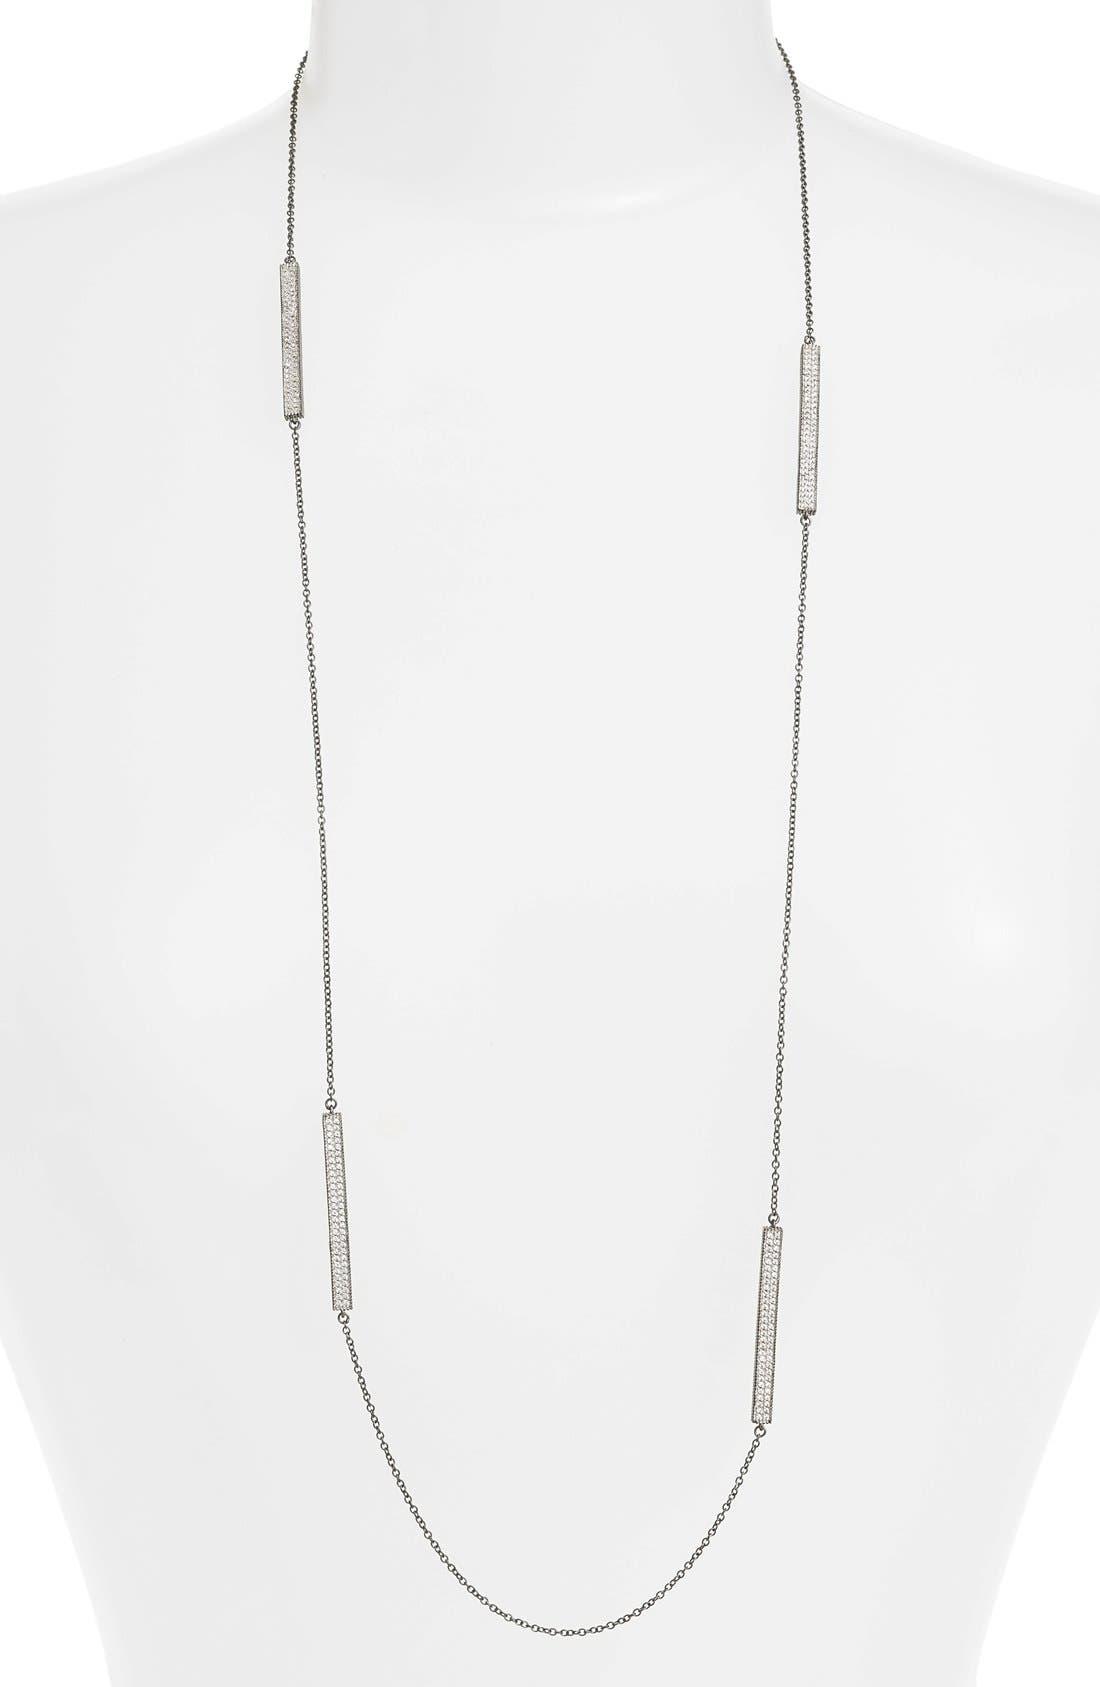 FREIDA ROTHMAN Contemporary Deco Station Necklace